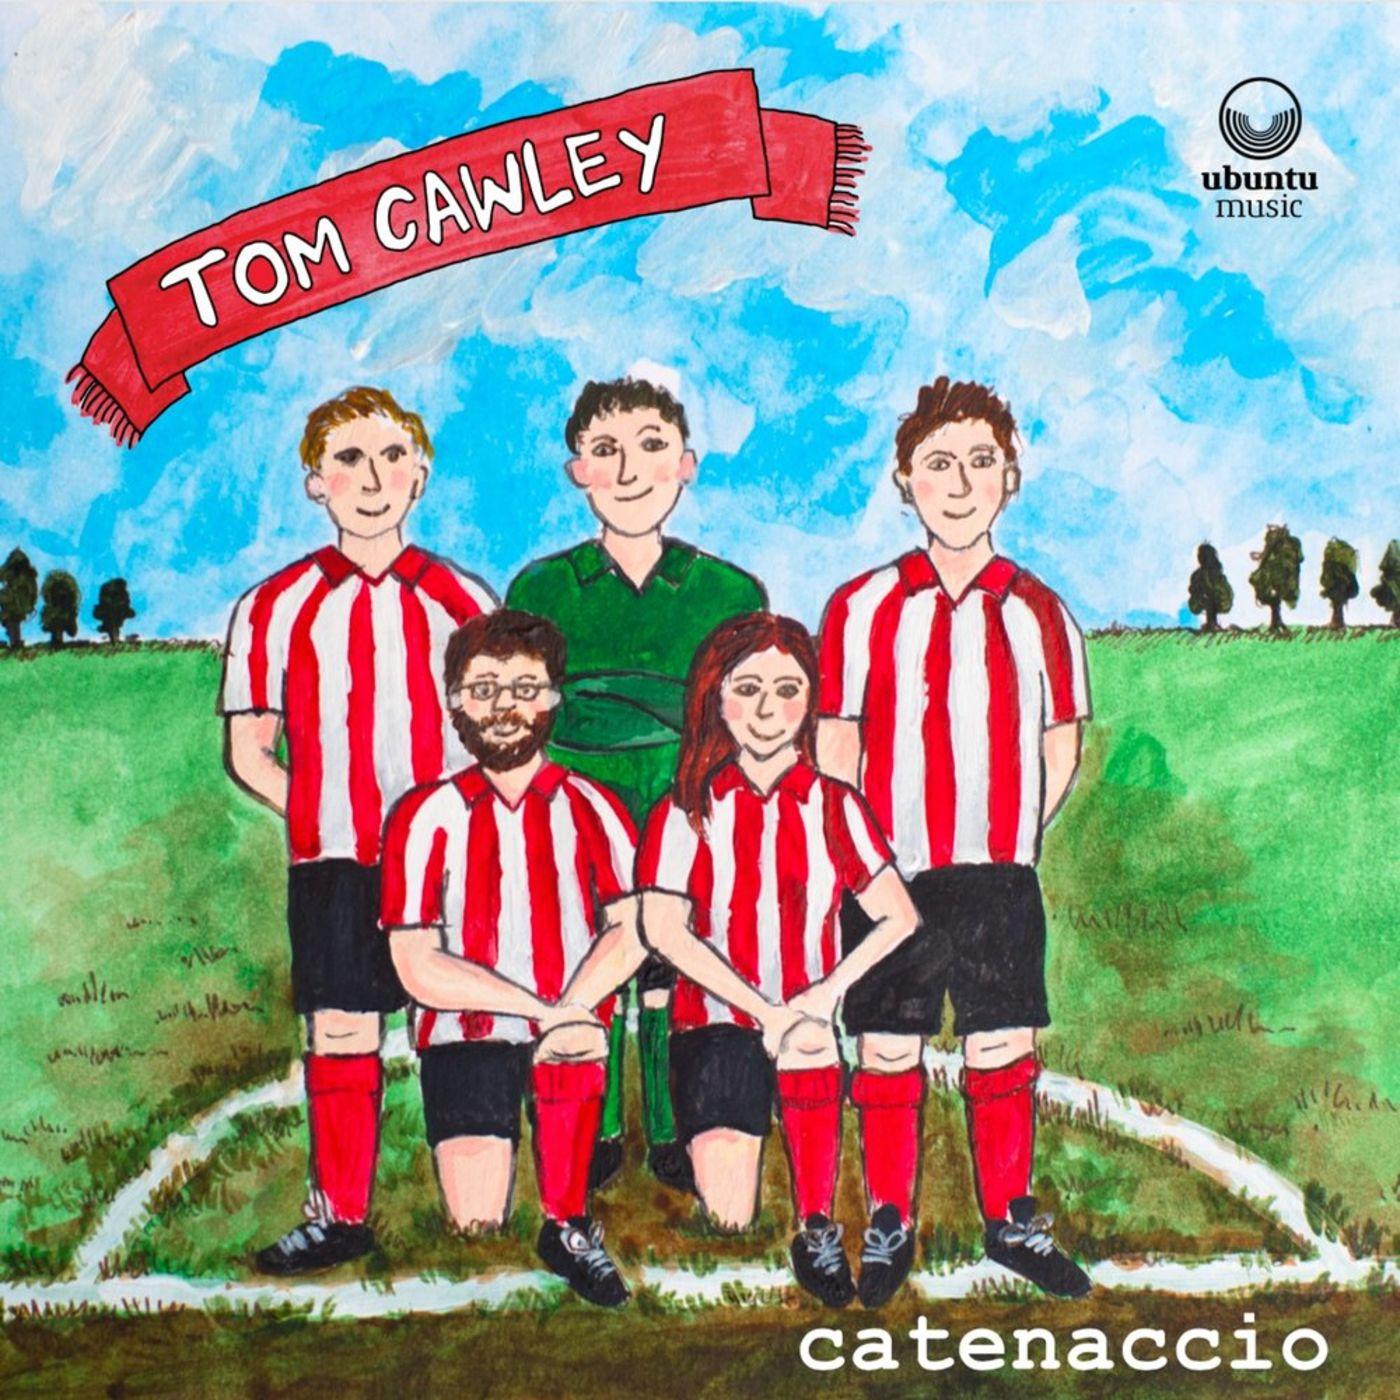 MUSICA Il Catenaccio di Tom Cawley